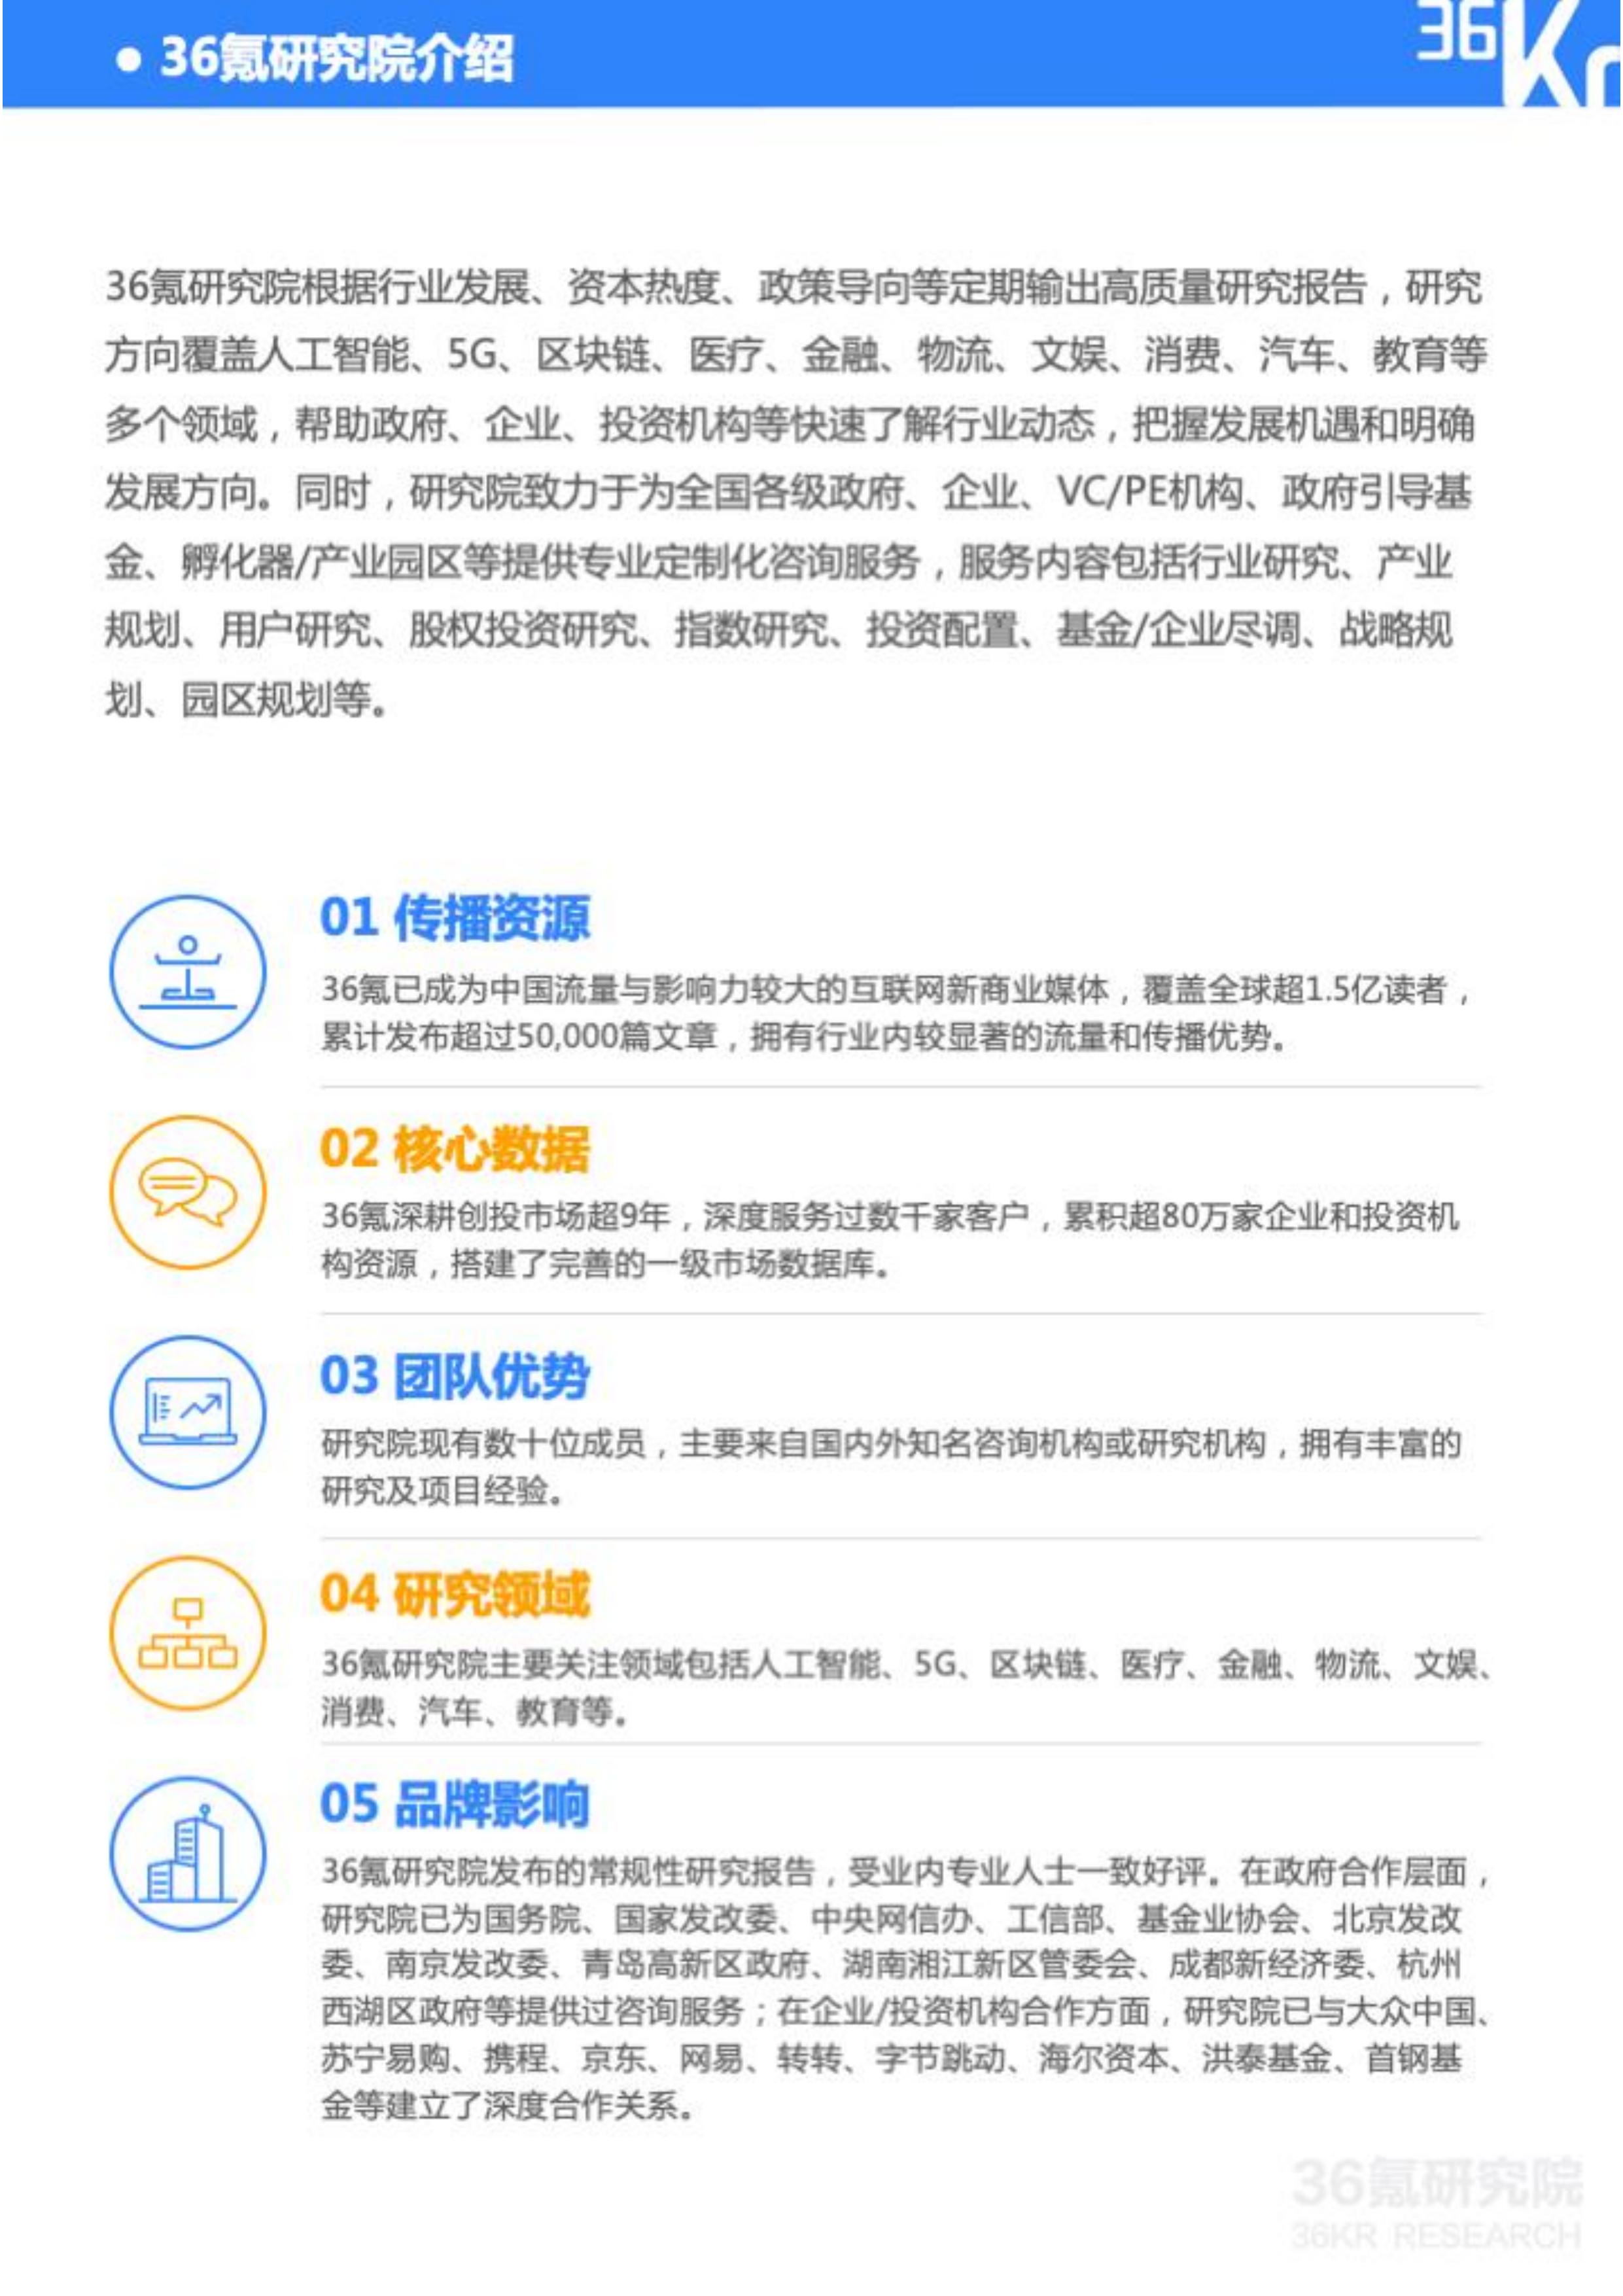 36氪研究院 - 新基建系列之:2020年中国城市数据中心发展指数报告-大菠萝官网(图54)